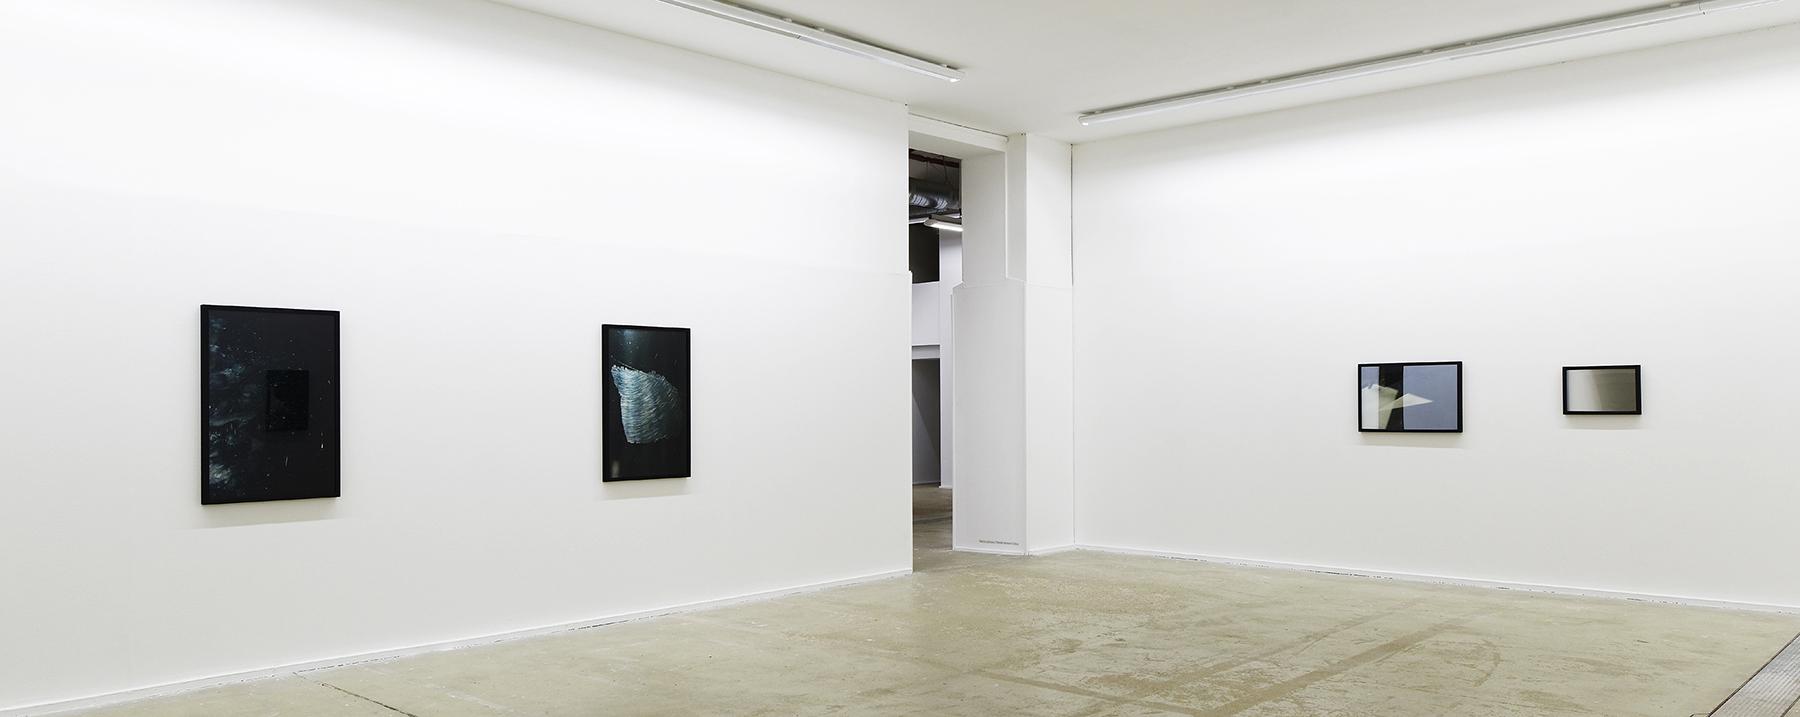 Vue d'exposition Centre photographique d'Île-de-France  Les précipités #3  - 2016